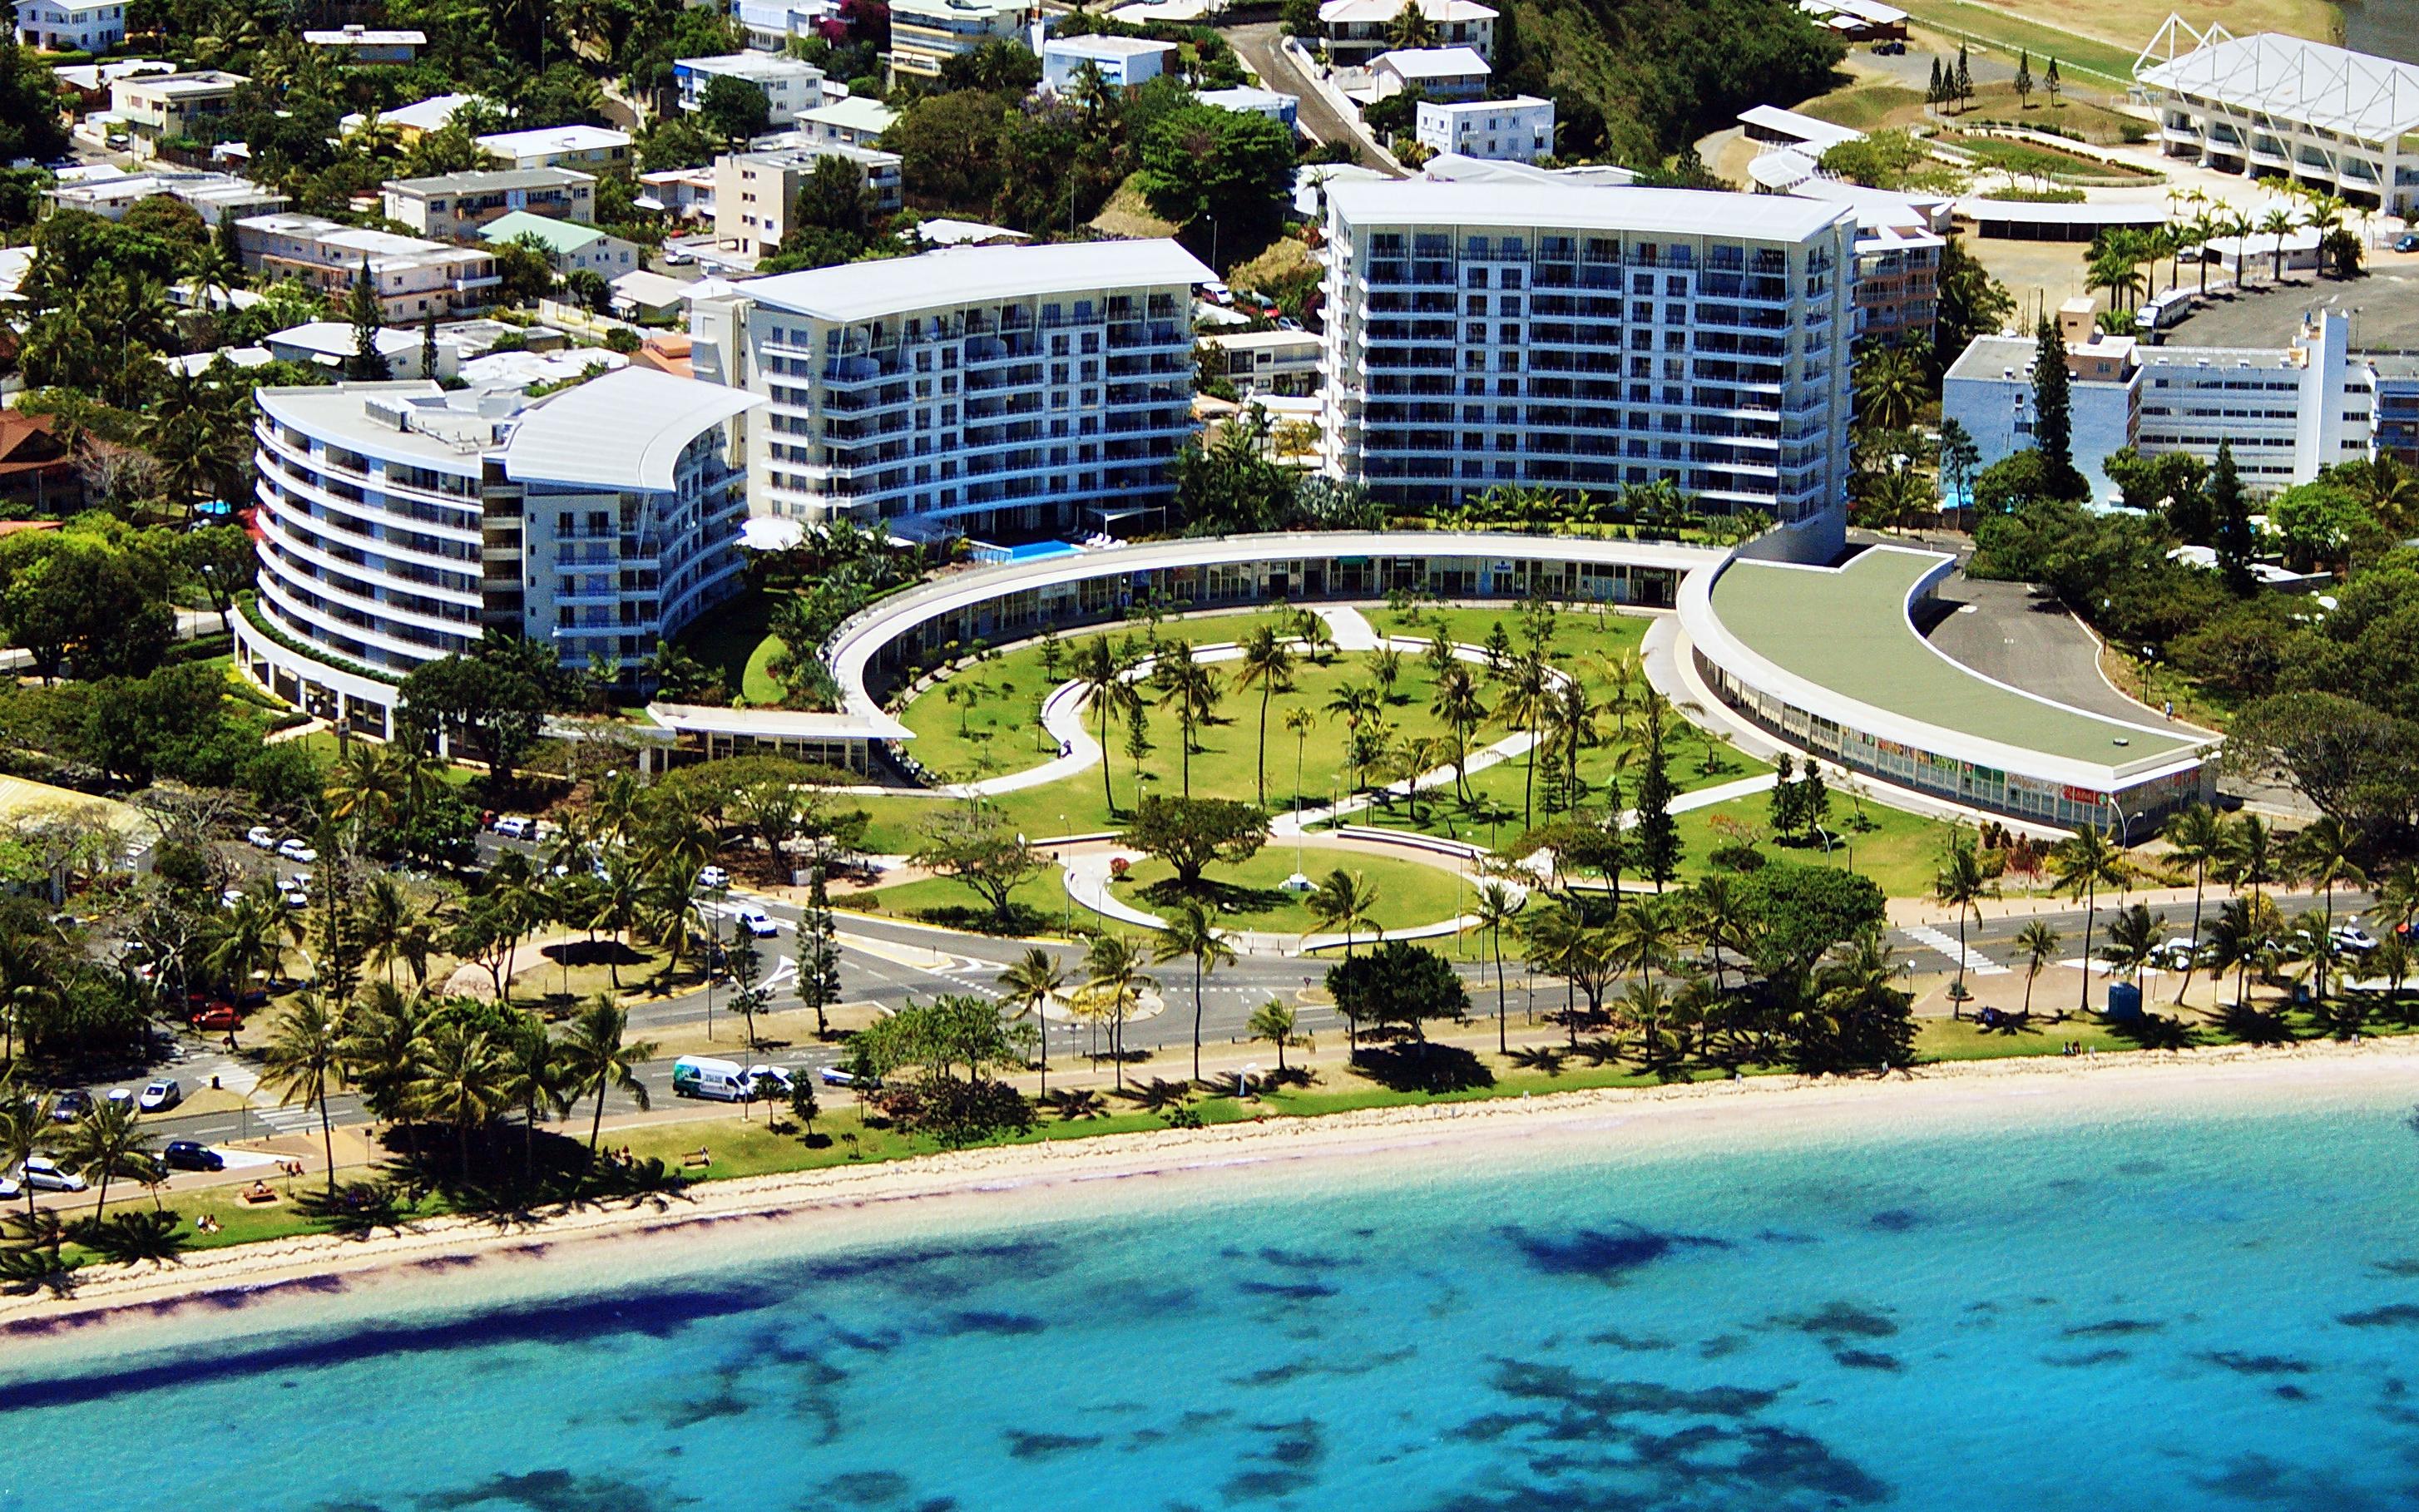 <早割り>直行便で行くリゾート!ニューカレドニア!<br />ヒルトン ヌメア ラ プロムナード レジデンス (Hilton Noumea La Promenade Residences) スタジオルーム利用 3泊5日